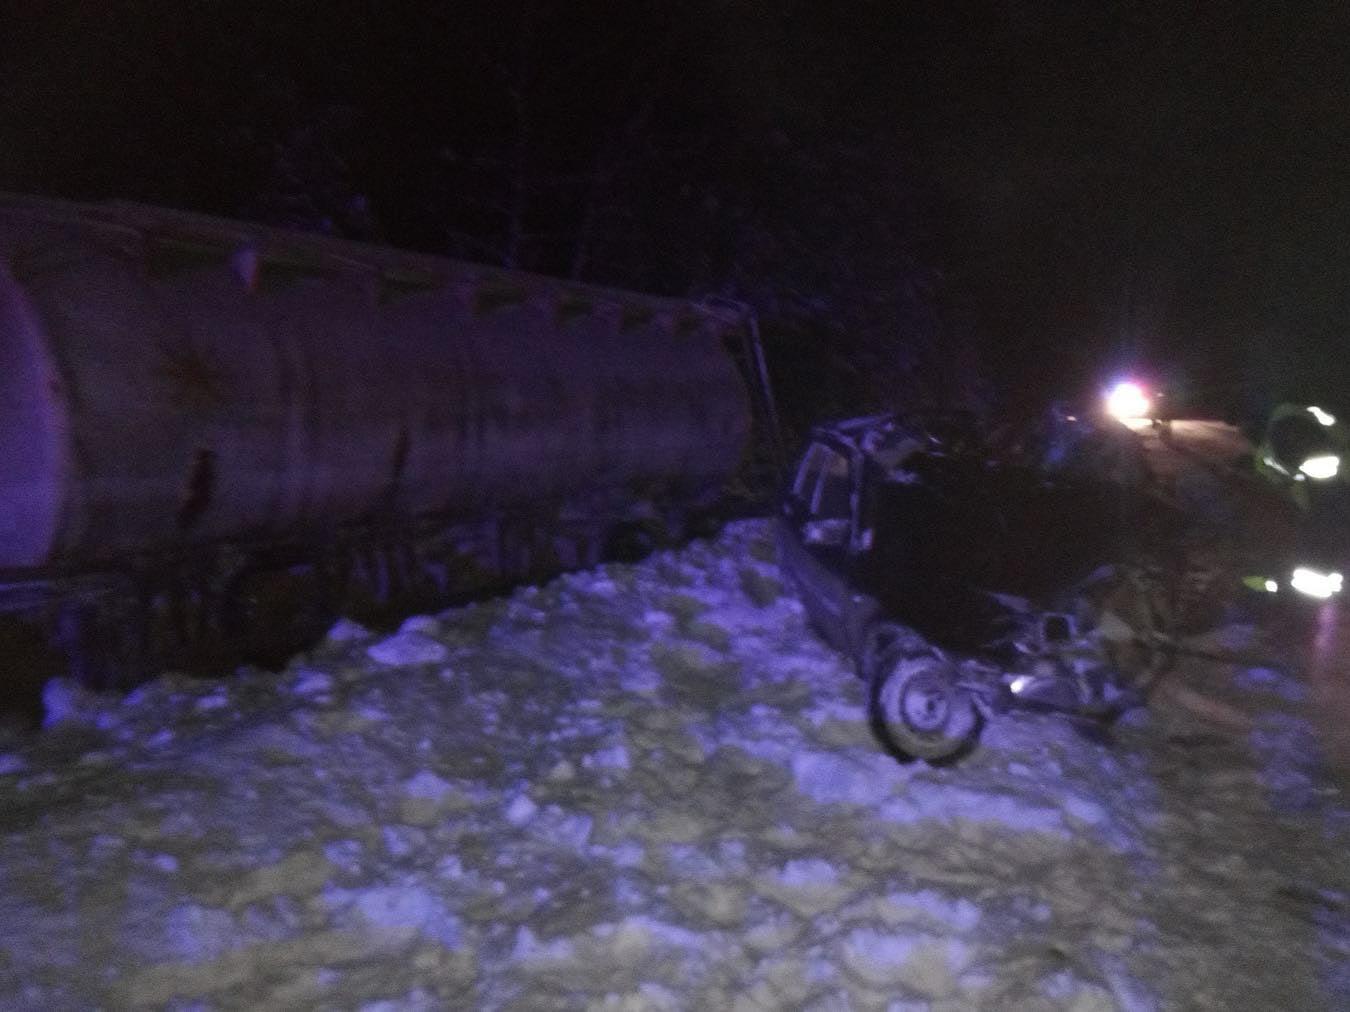 В Марий Эл водитель легкового автомобиля погиб после столкновения с грузовиком